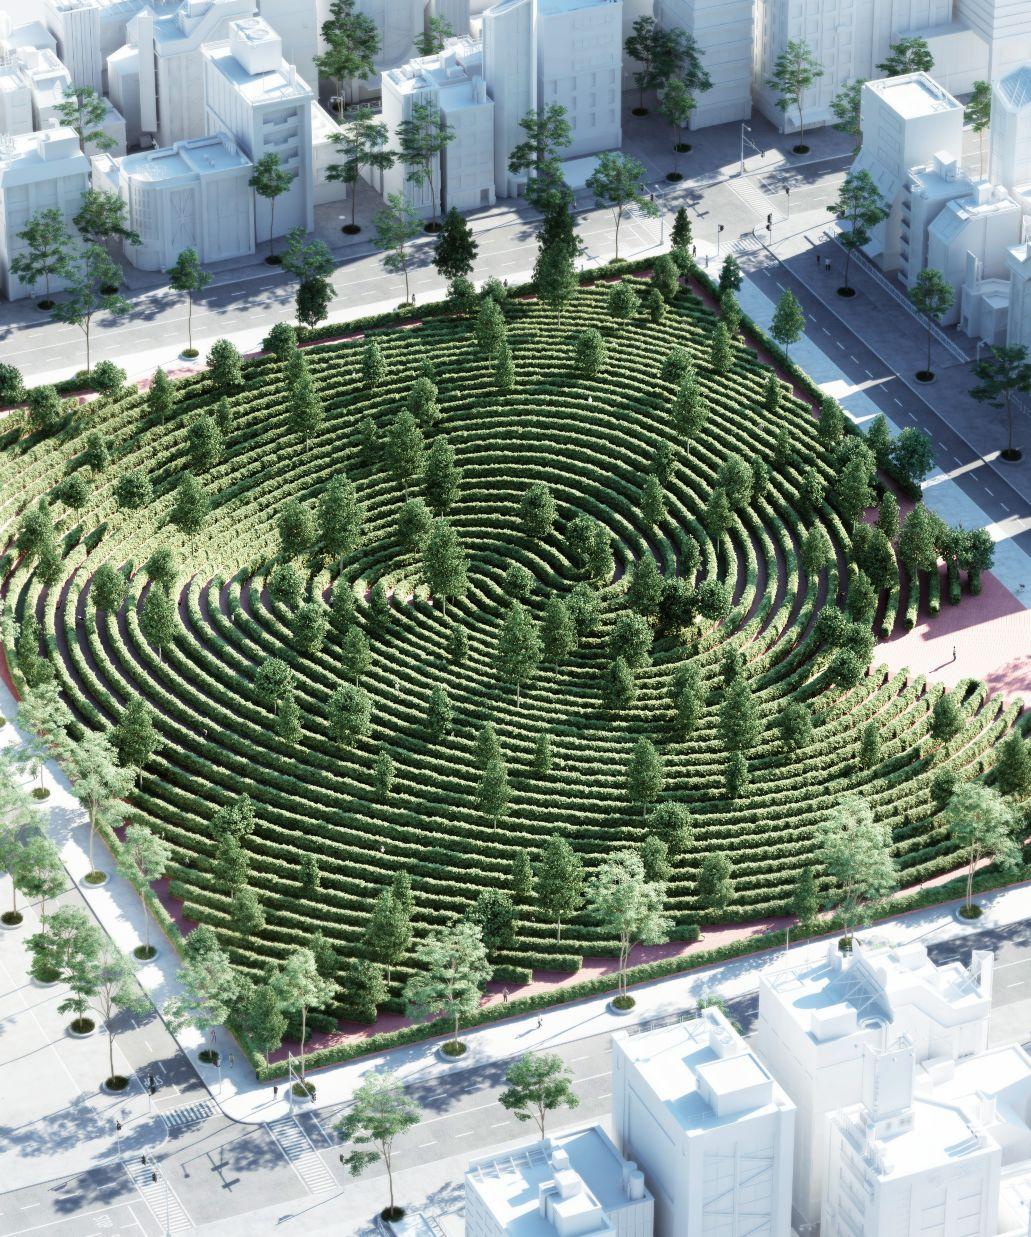 Parque-da-Distância-um-jardim-para-caminhar-onde-não-te-cruzas-com-ninguém-@Studio-Precht-5